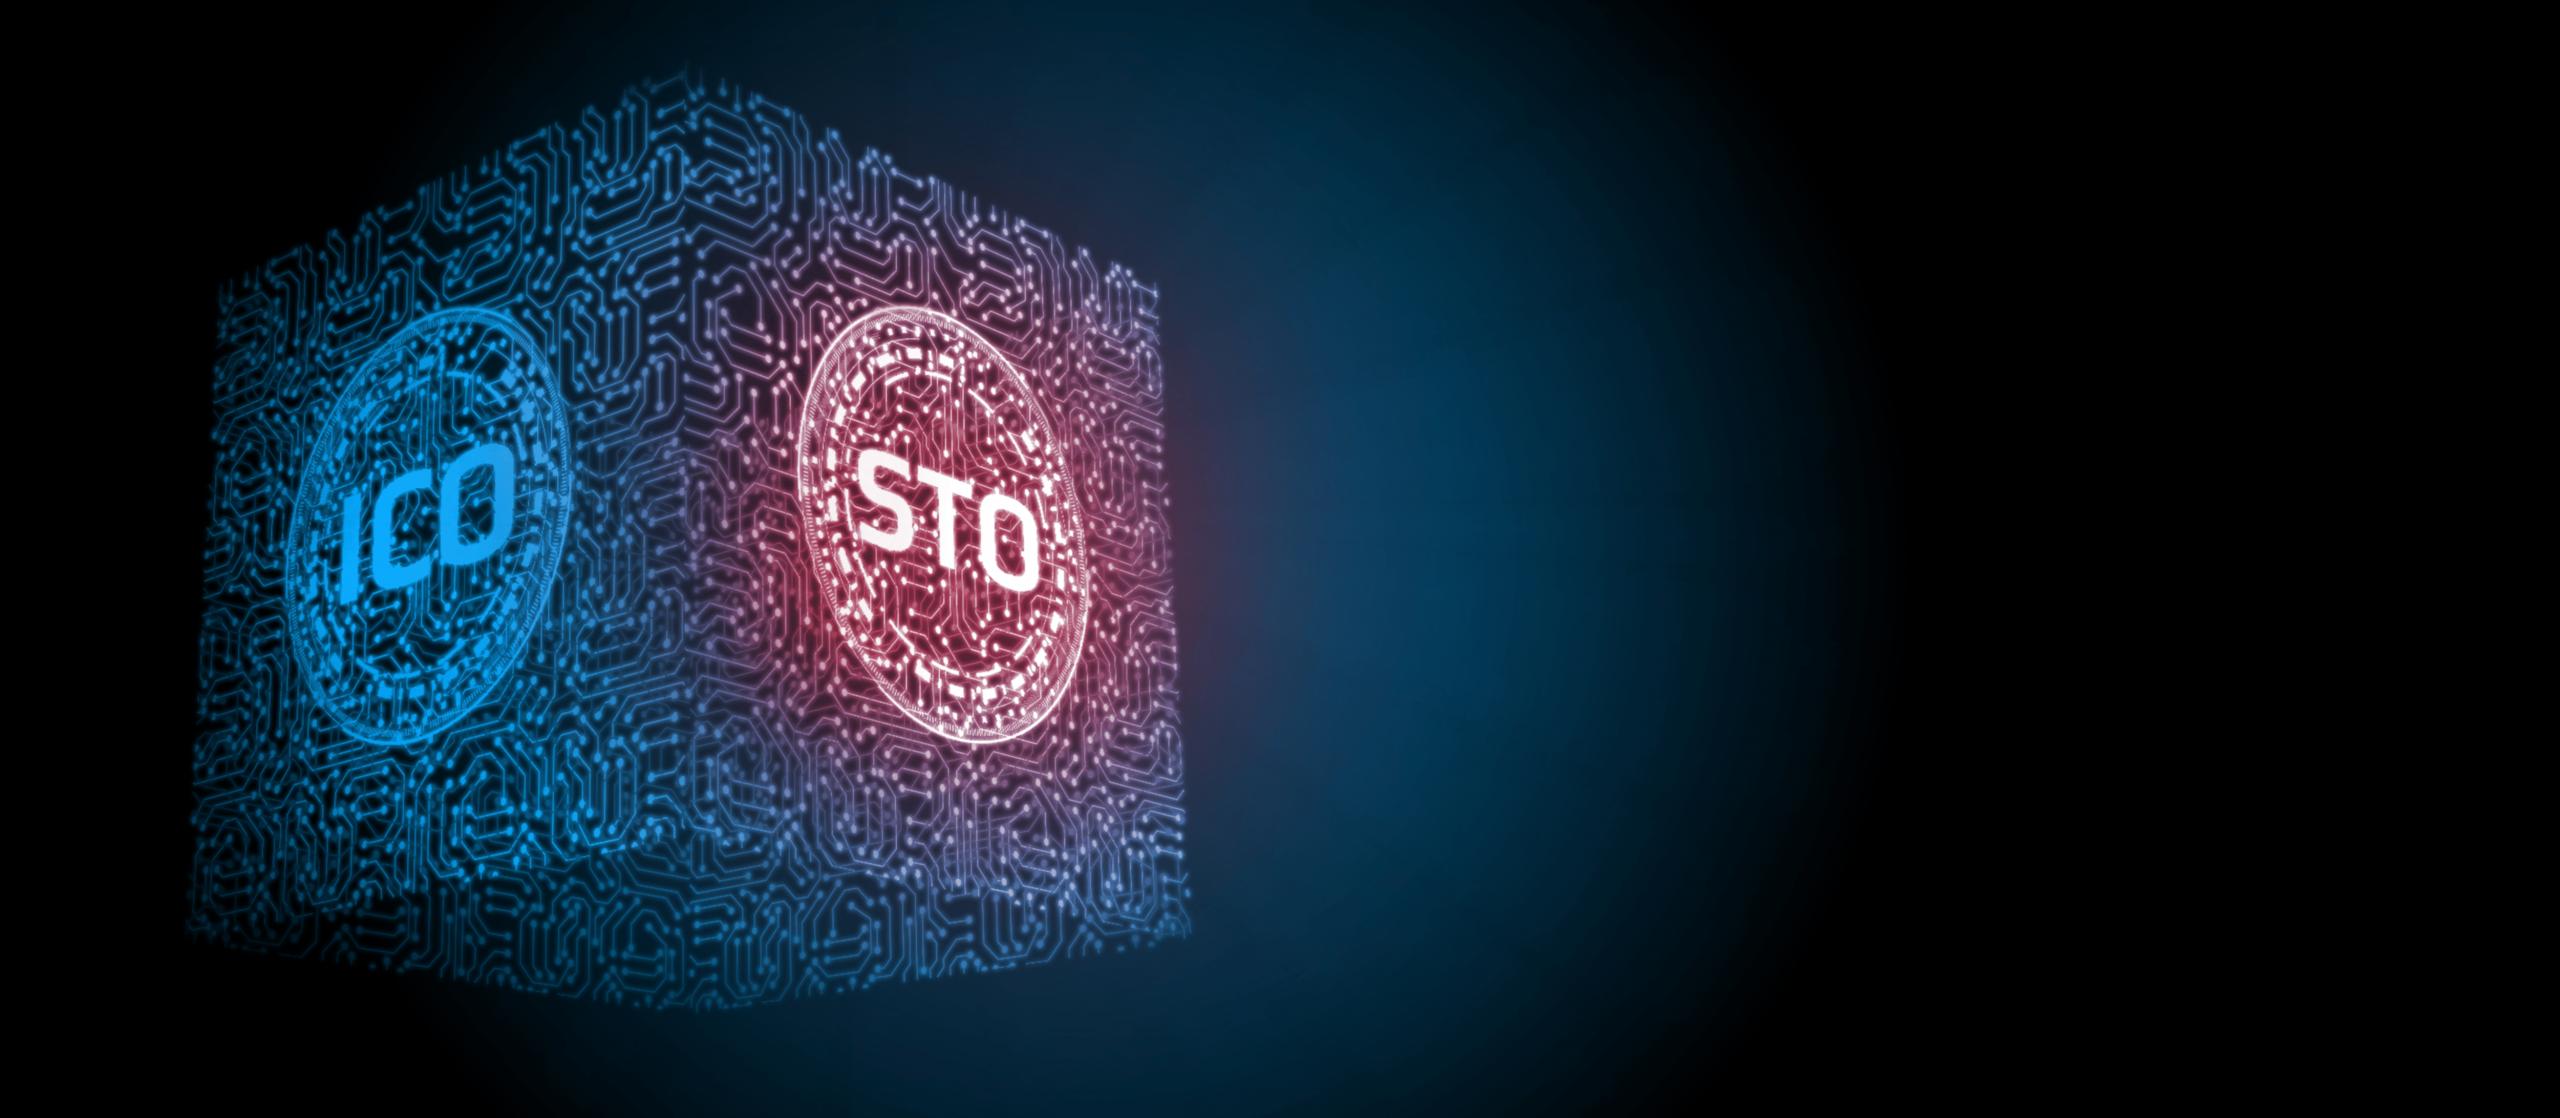 ICO & STO